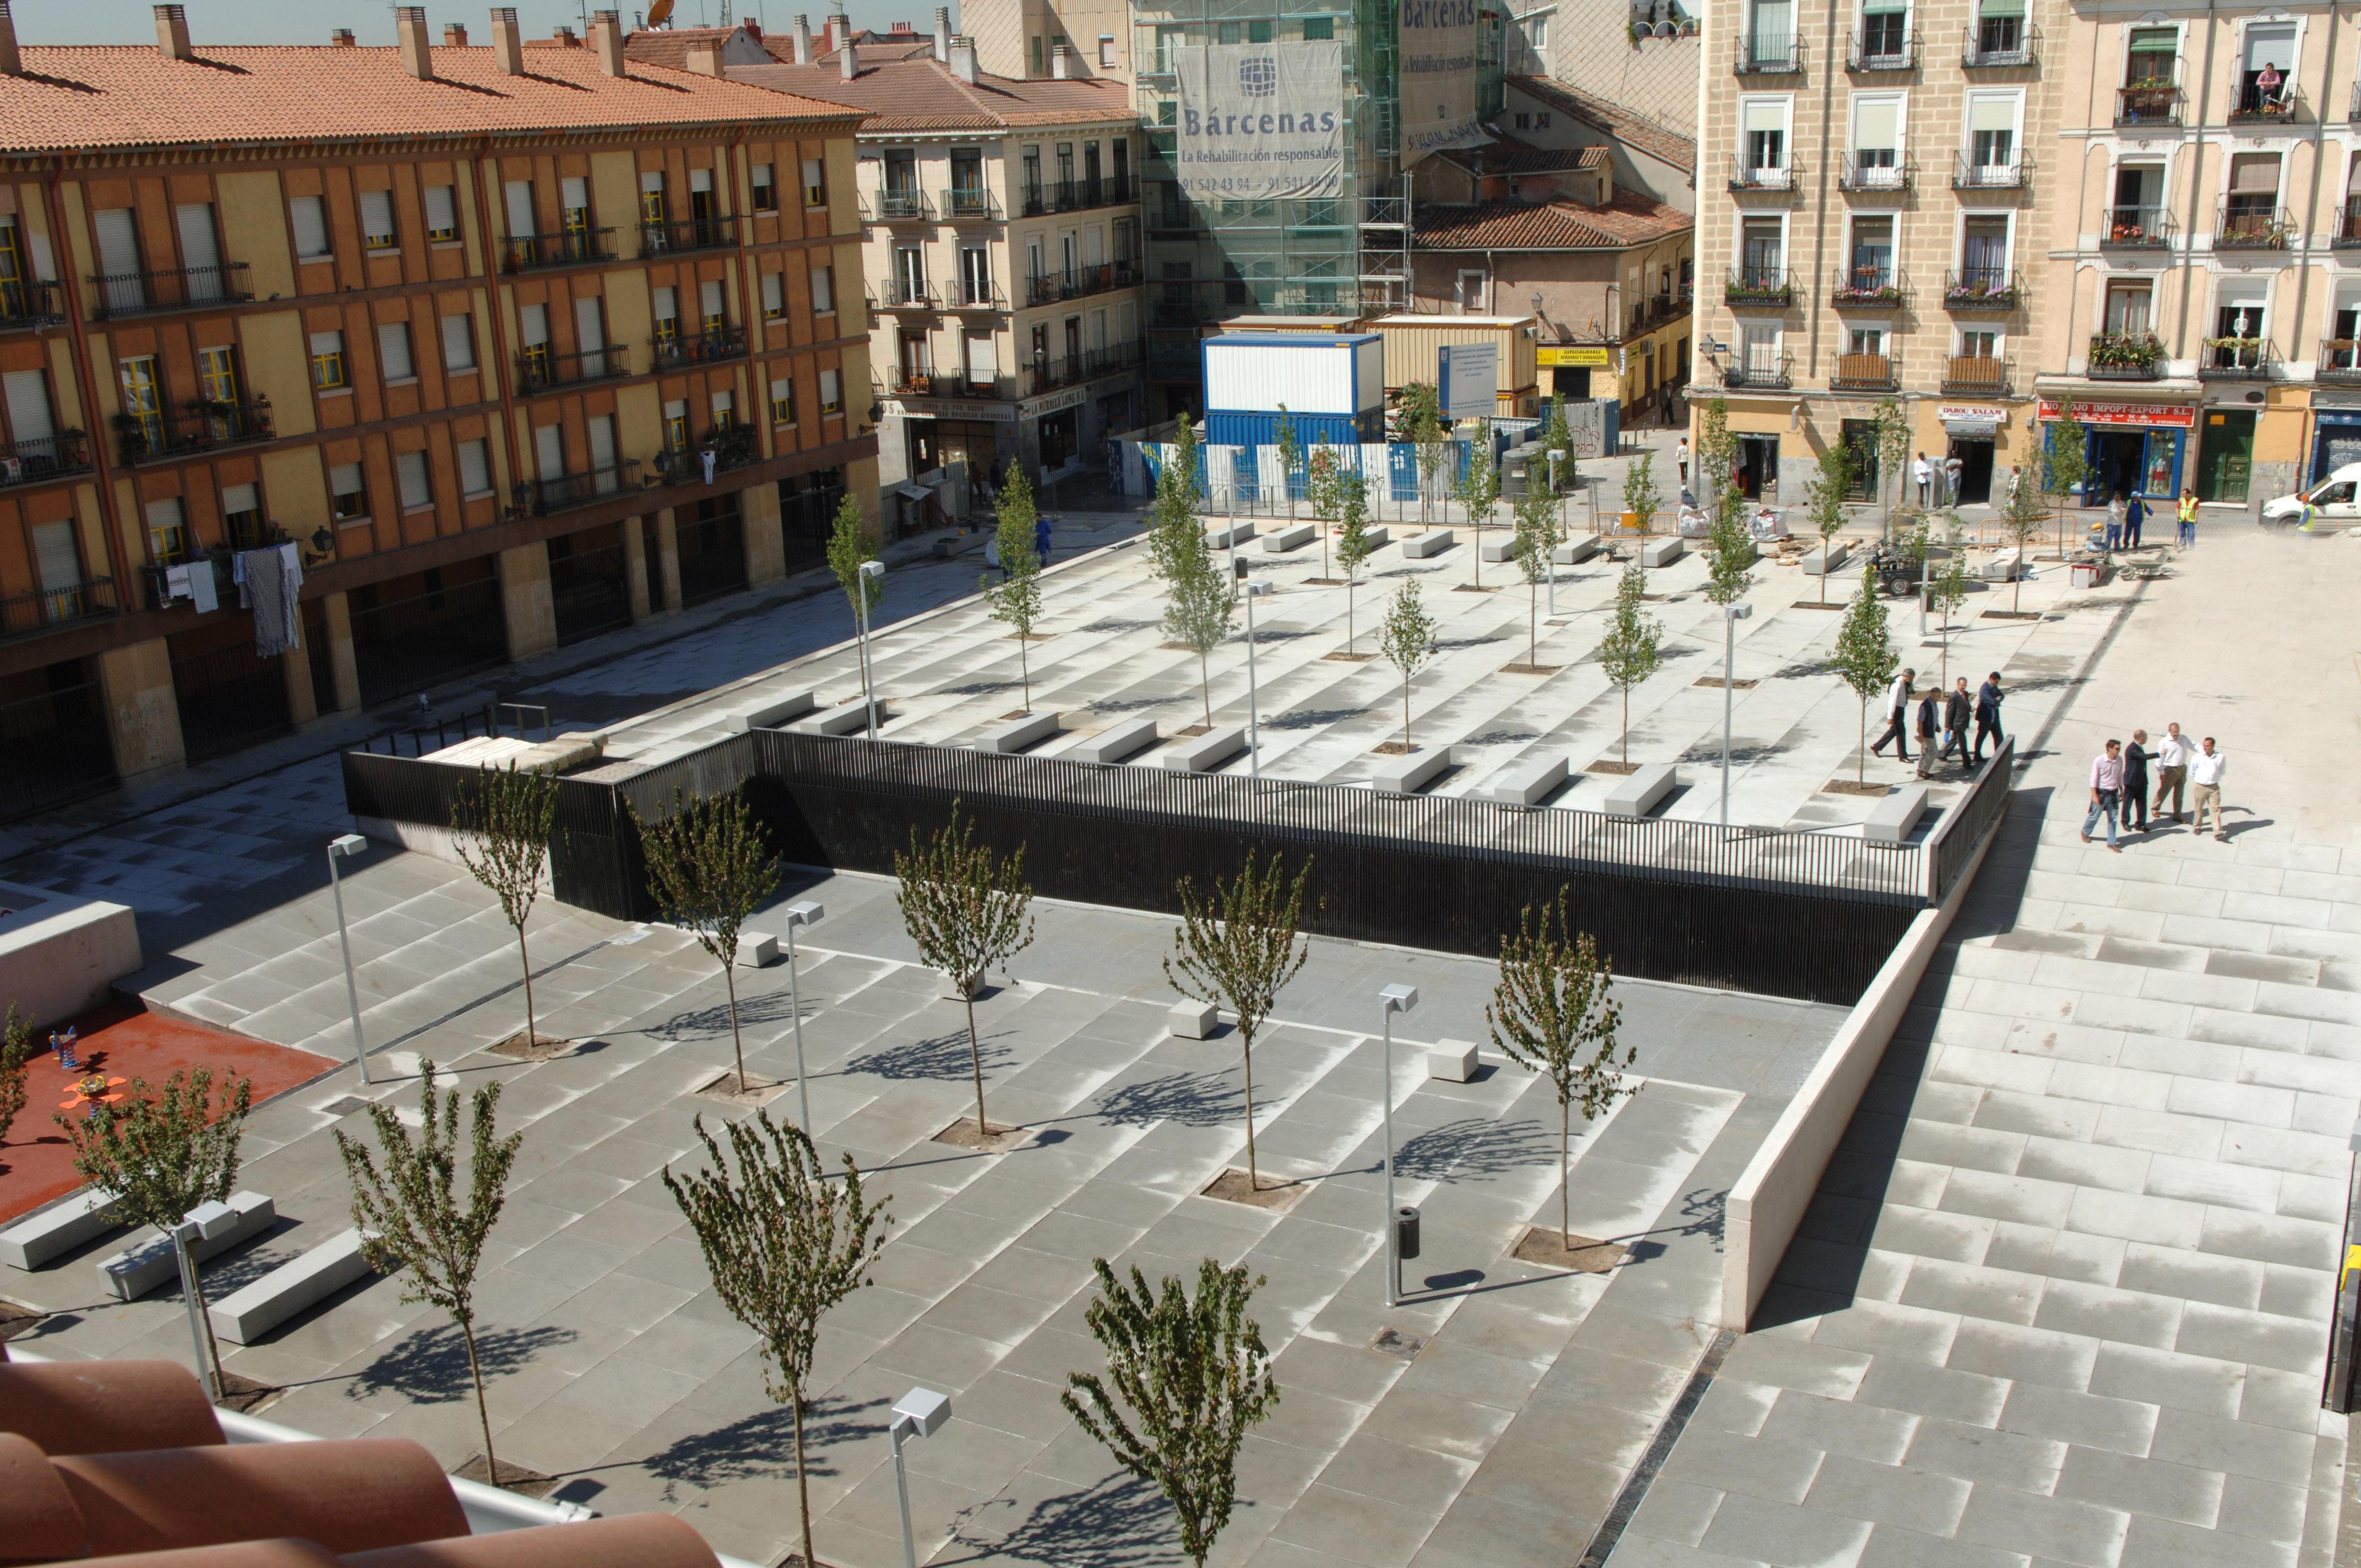 Lavapi s estrena dos plazas y un aparcamiento para for Plaza de aparcamiento